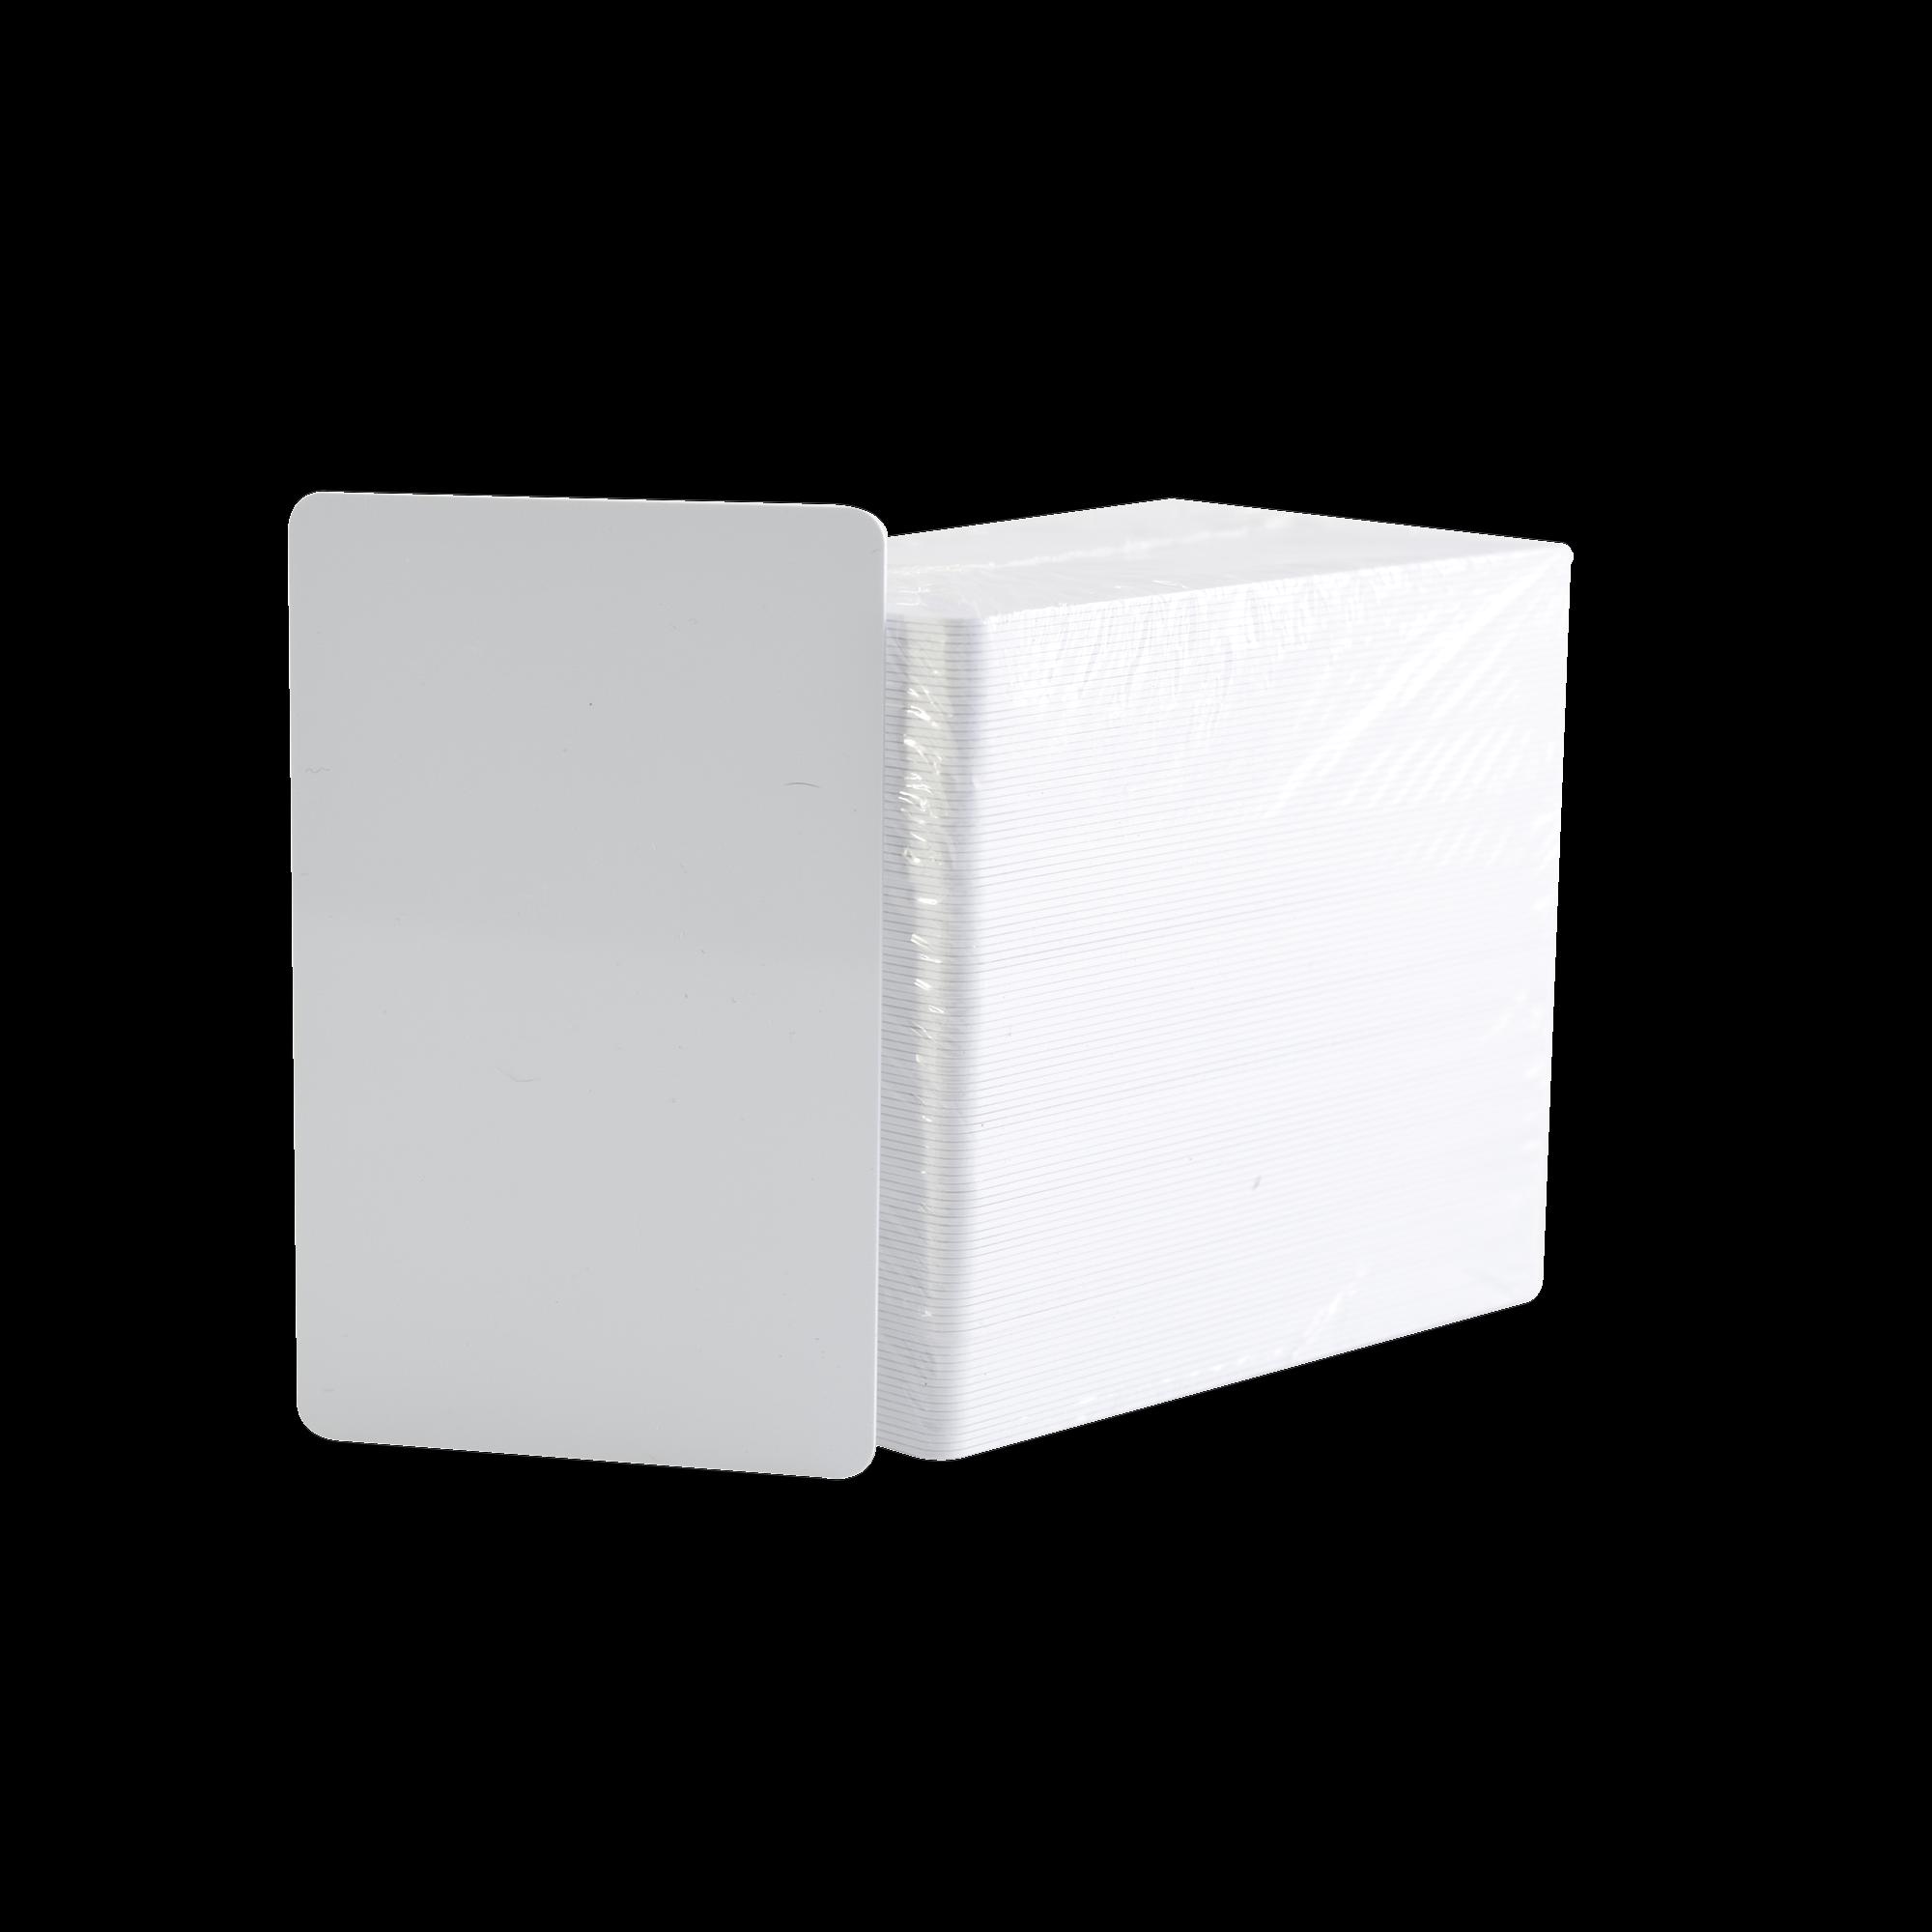 Paquete de 500 Tarjetas UltraCard 10 milesimas Grosor/ Adhesivas/ Imprimibles por un solo lado / Para pegar sobre tarjetas/ CR80